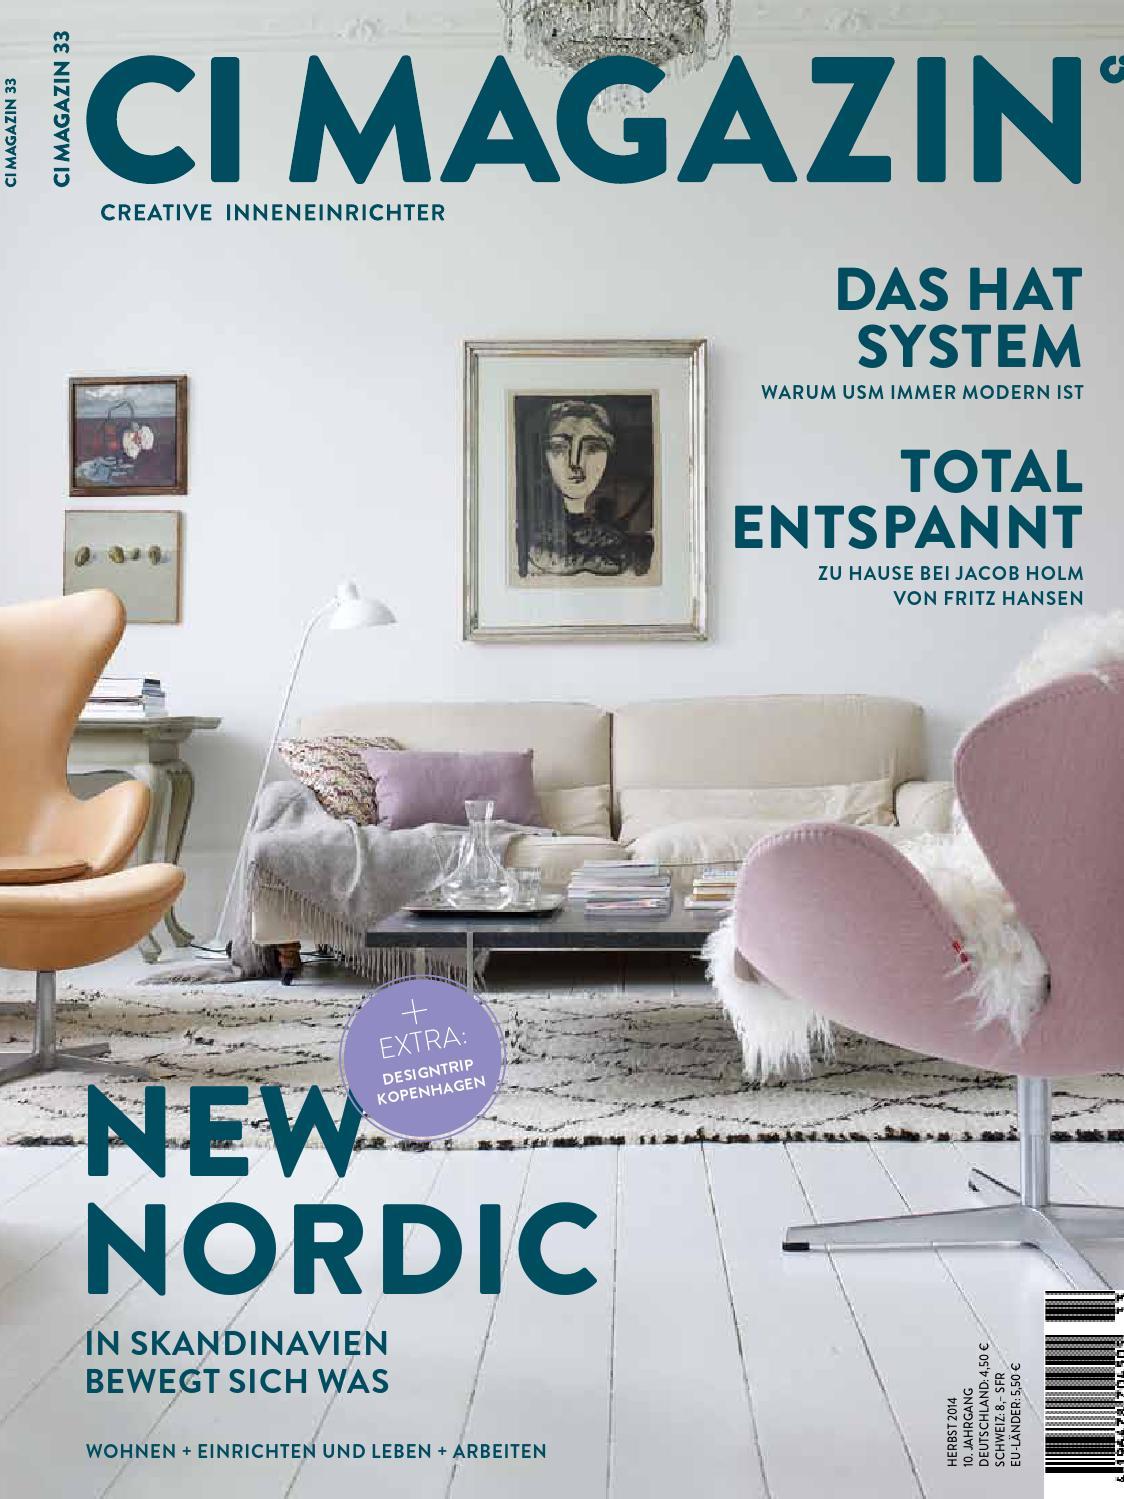 CI-Magazin #33 by Steffen Schmidt - issuu